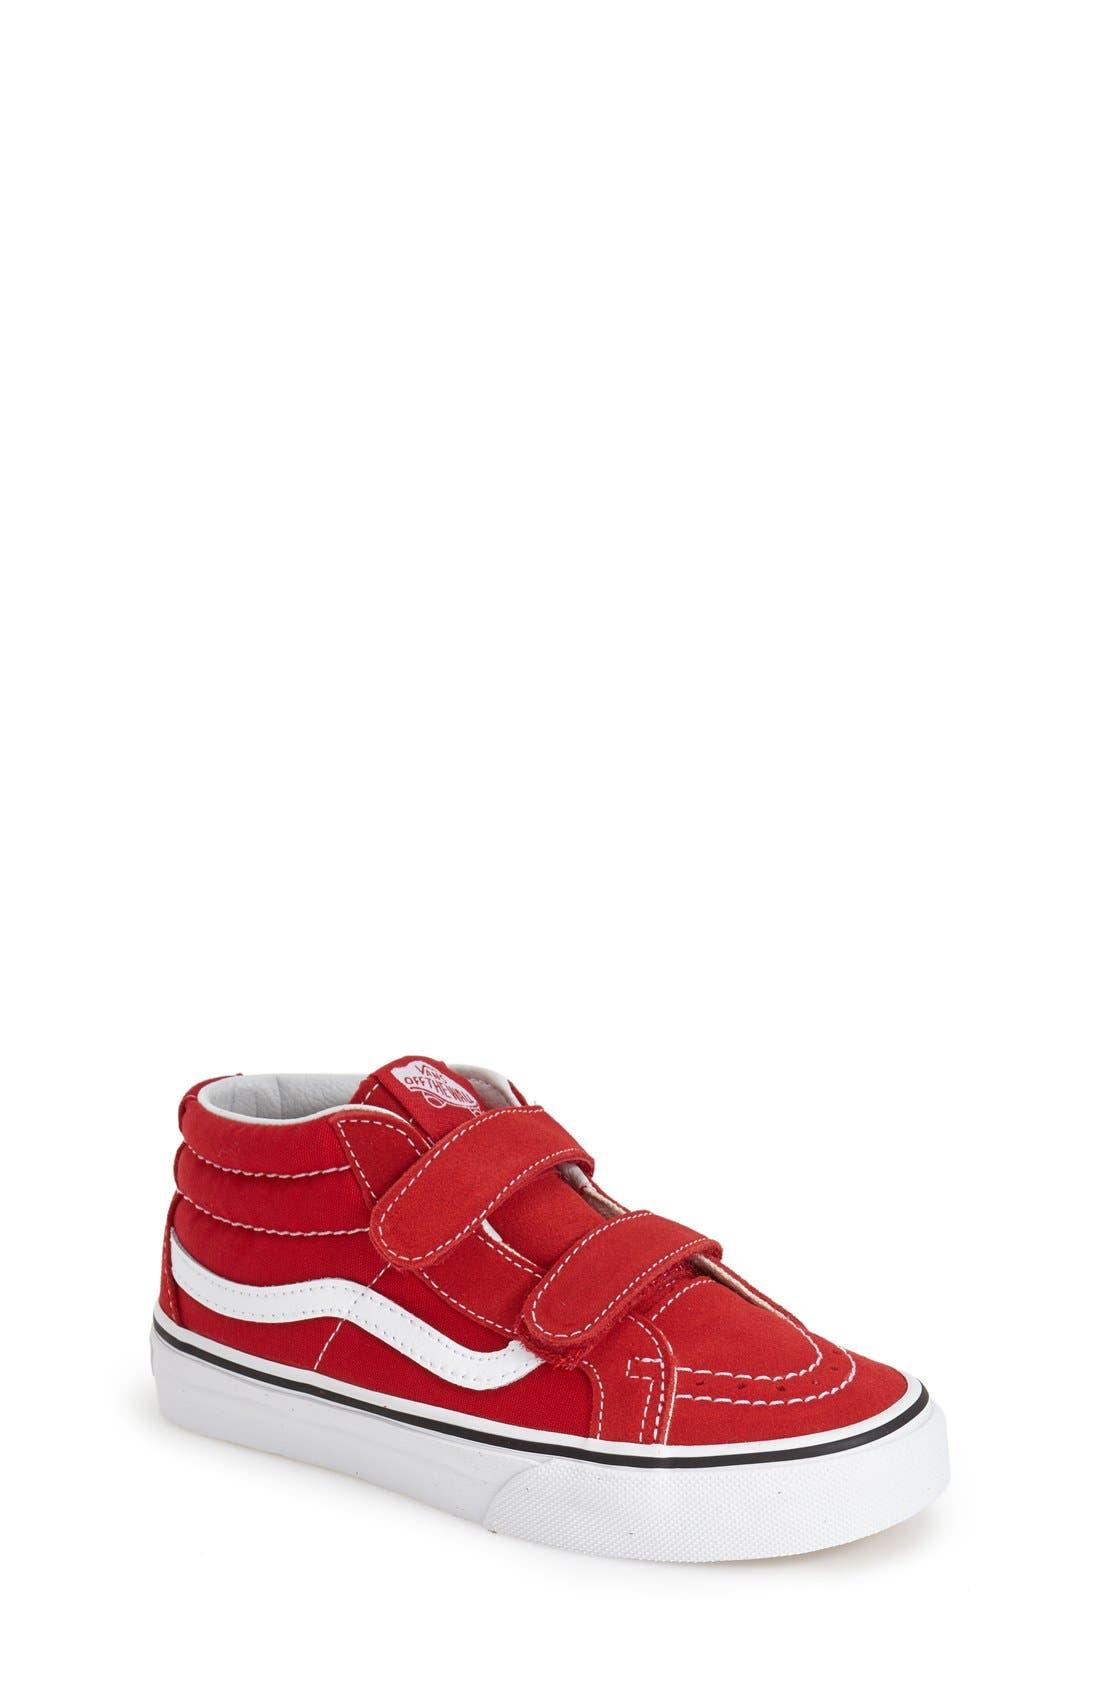 'Sk8-Hi Reissue V' Sneaker,                             Main thumbnail 1, color,                             FORMULA ONE/ TRUE WHITE